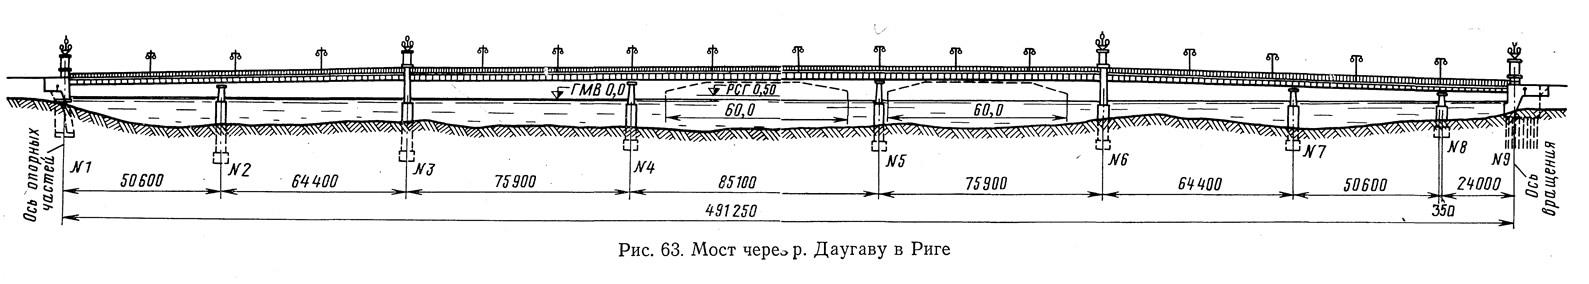 Рис. 63. Мост через р. Даугаву в Риге